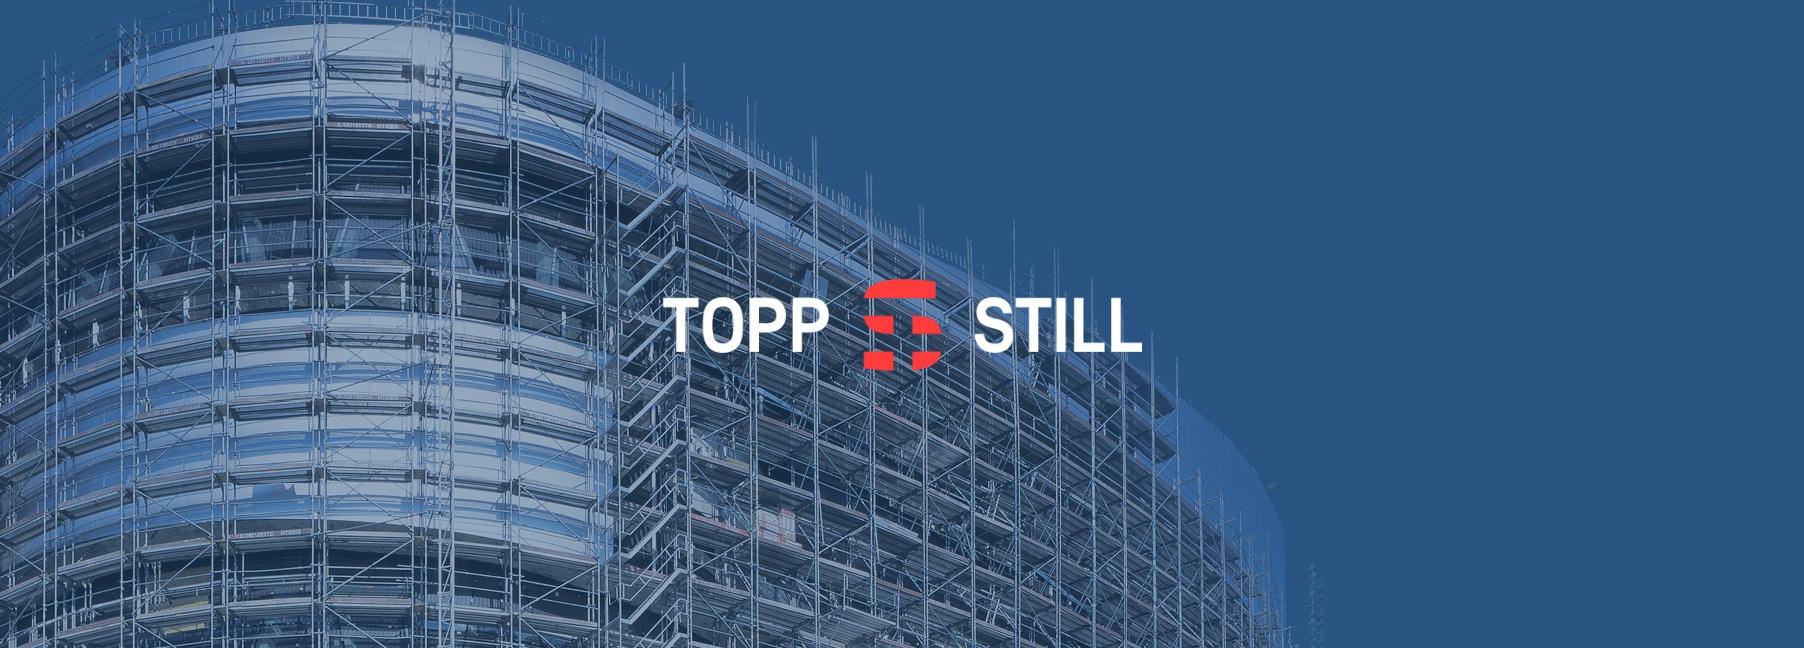 Topp-Still